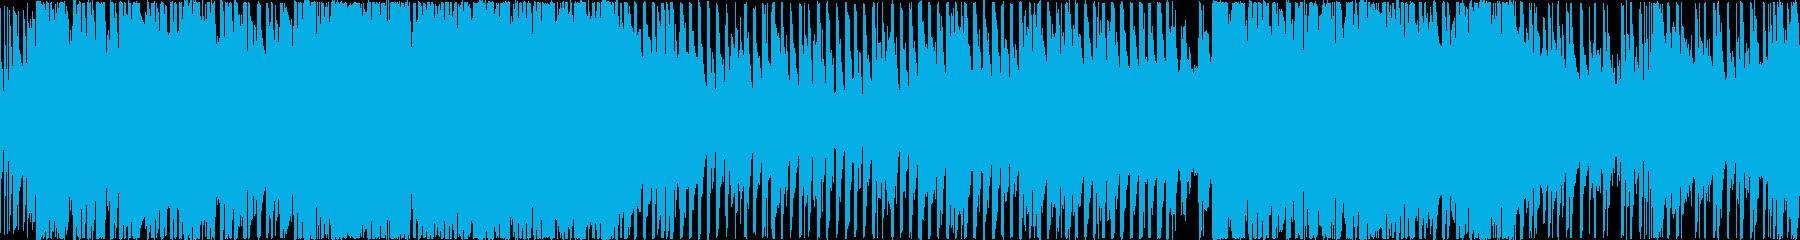 軽快なバトルやアクションをイメージした曲の再生済みの波形